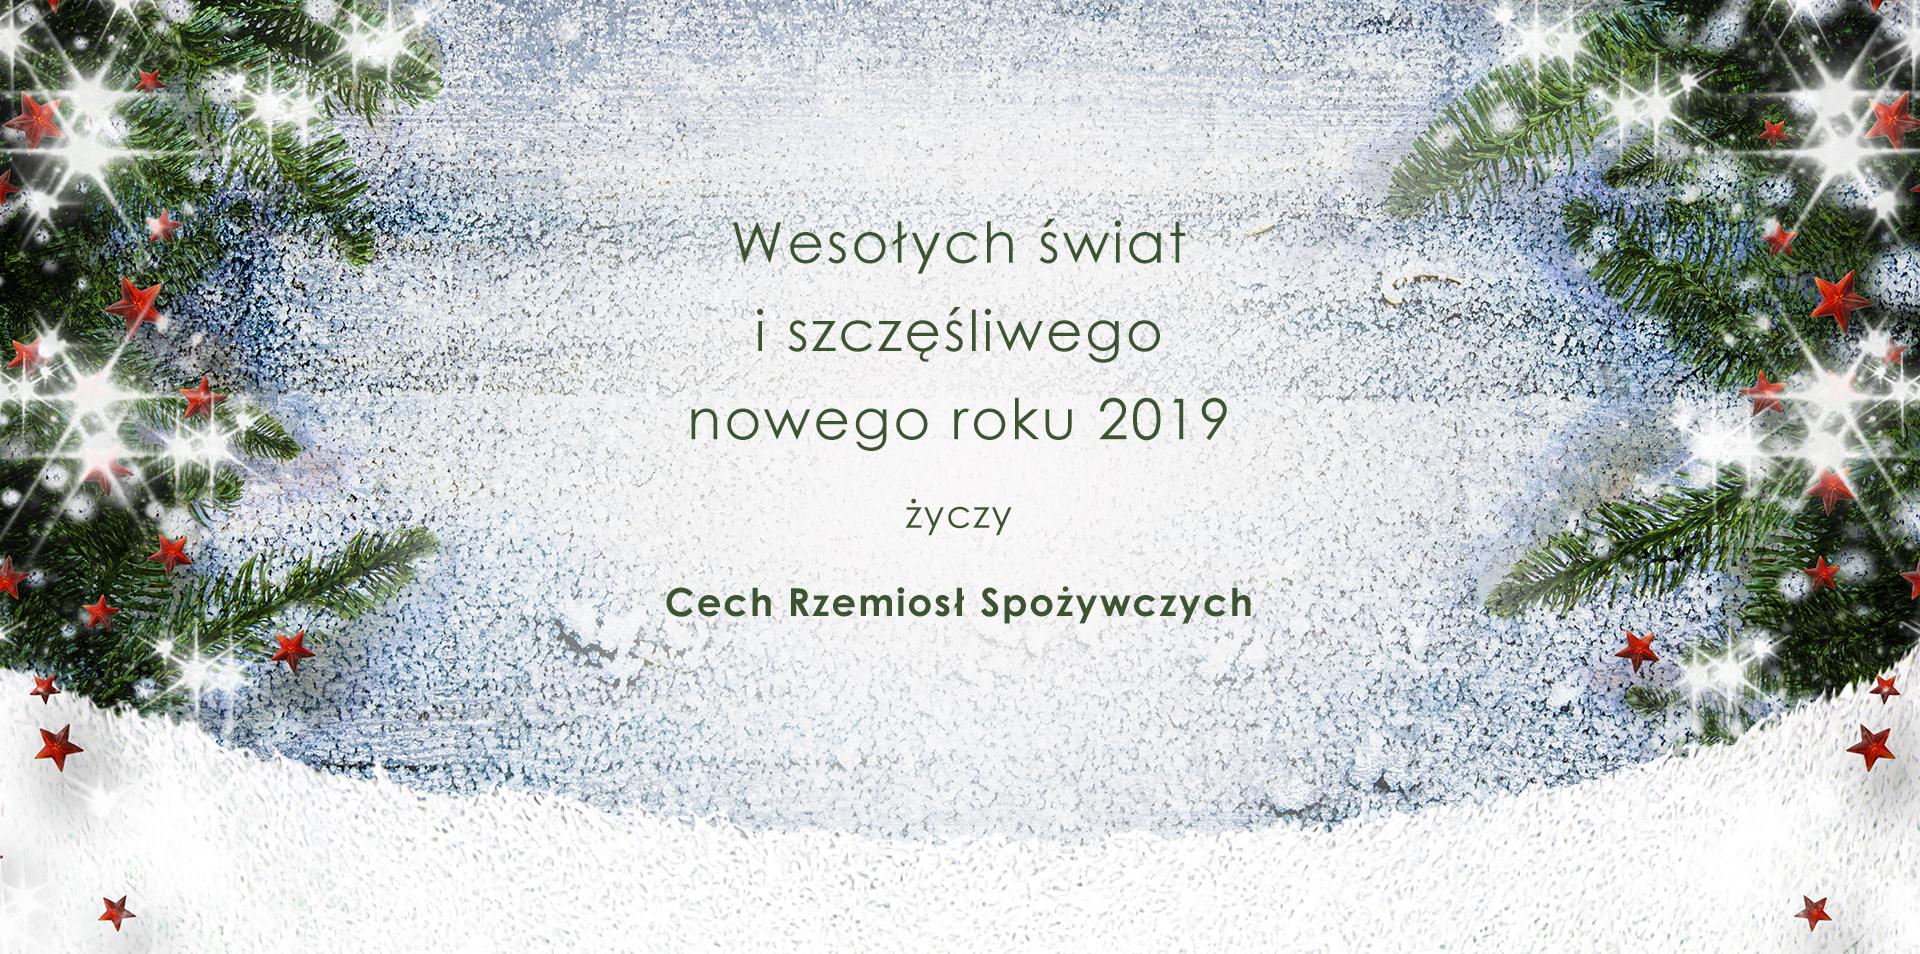 Wesołych Świat 2019